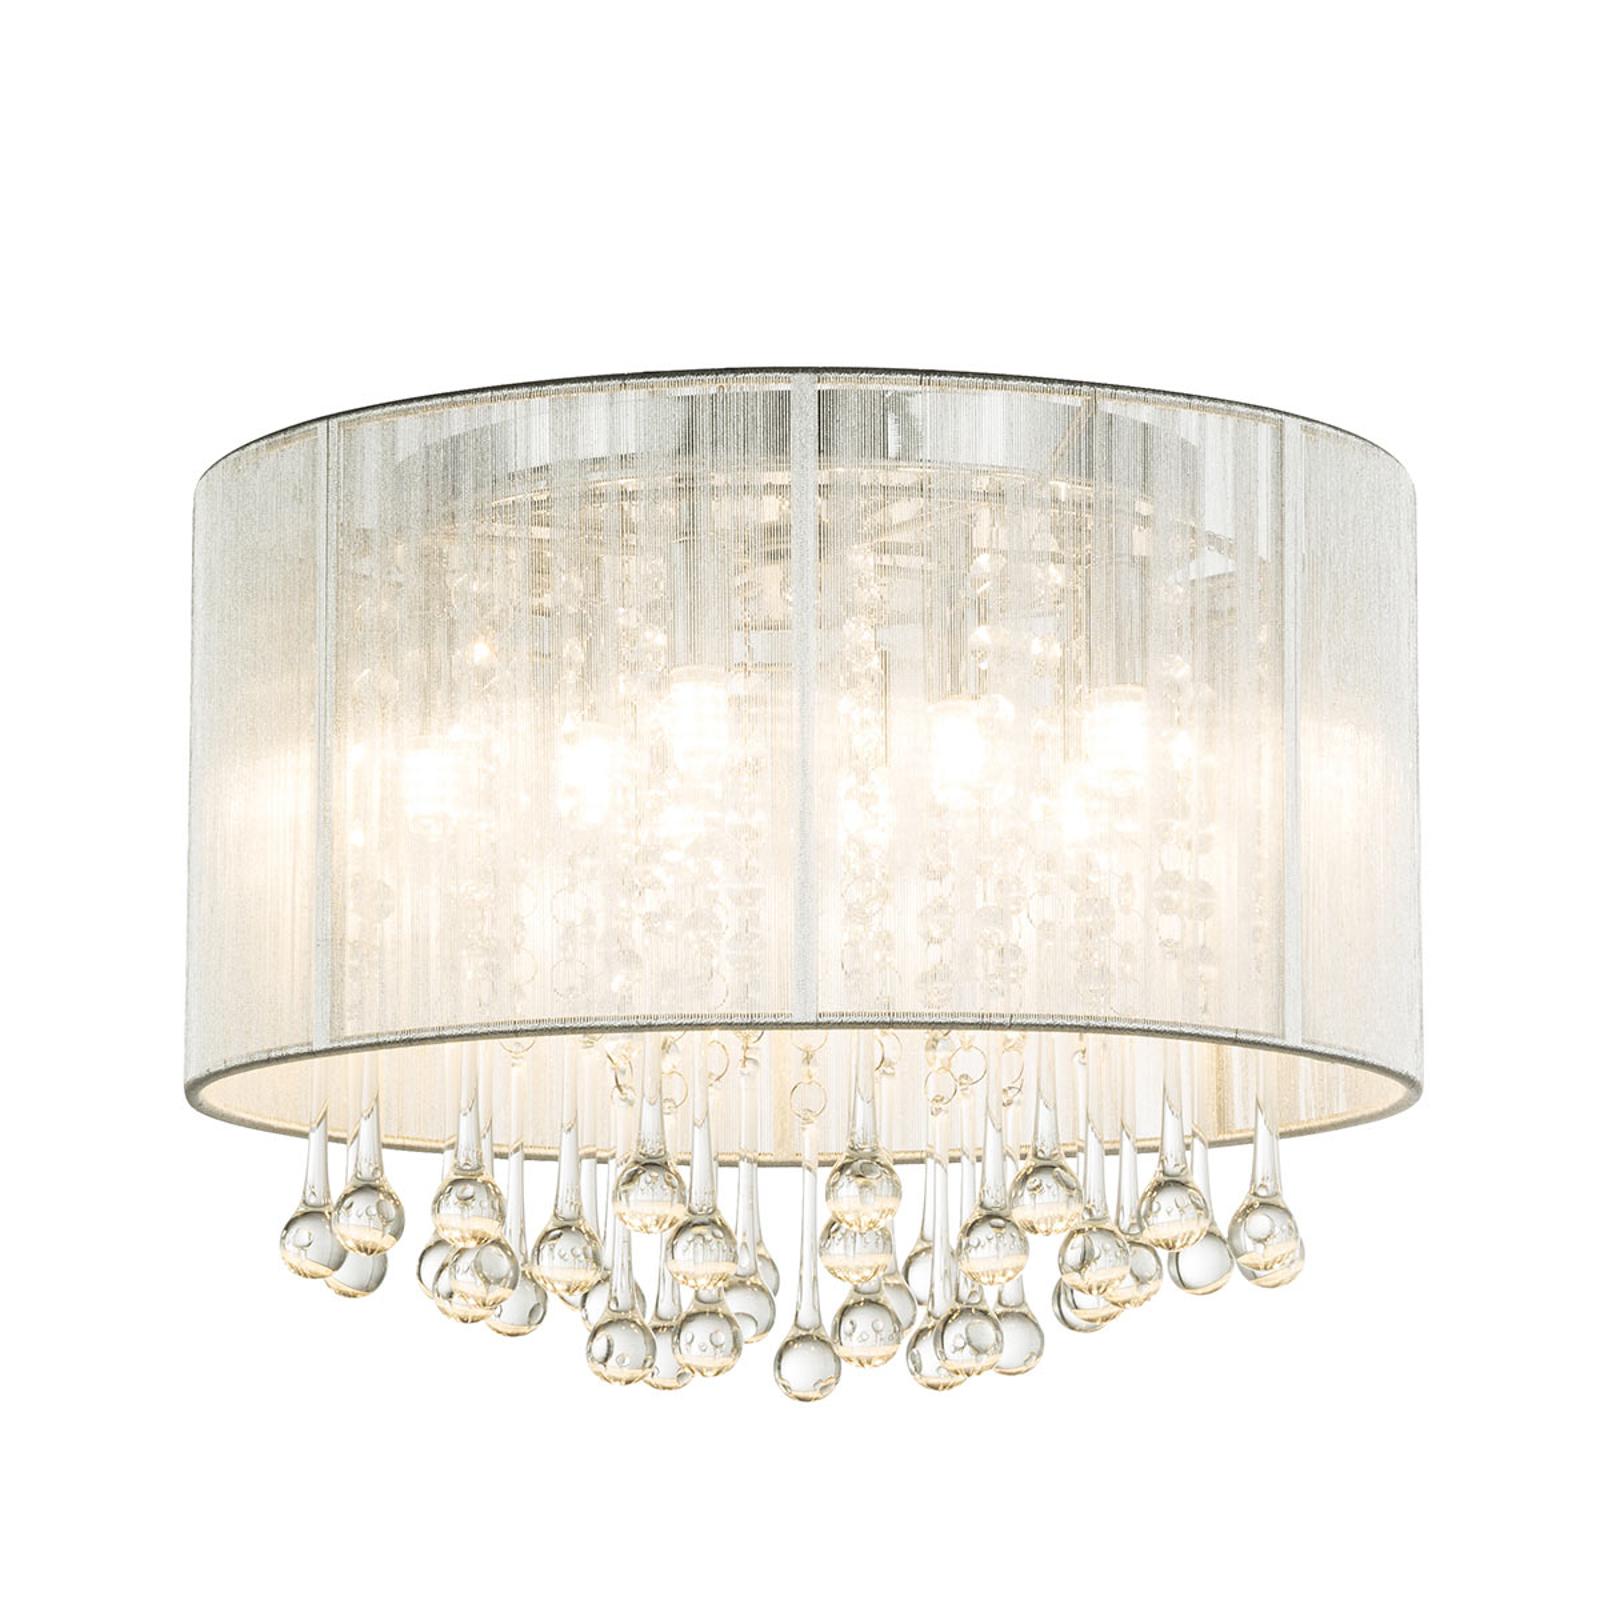 Stříbrné LED stropní svítidlo Sierra s přívěsy